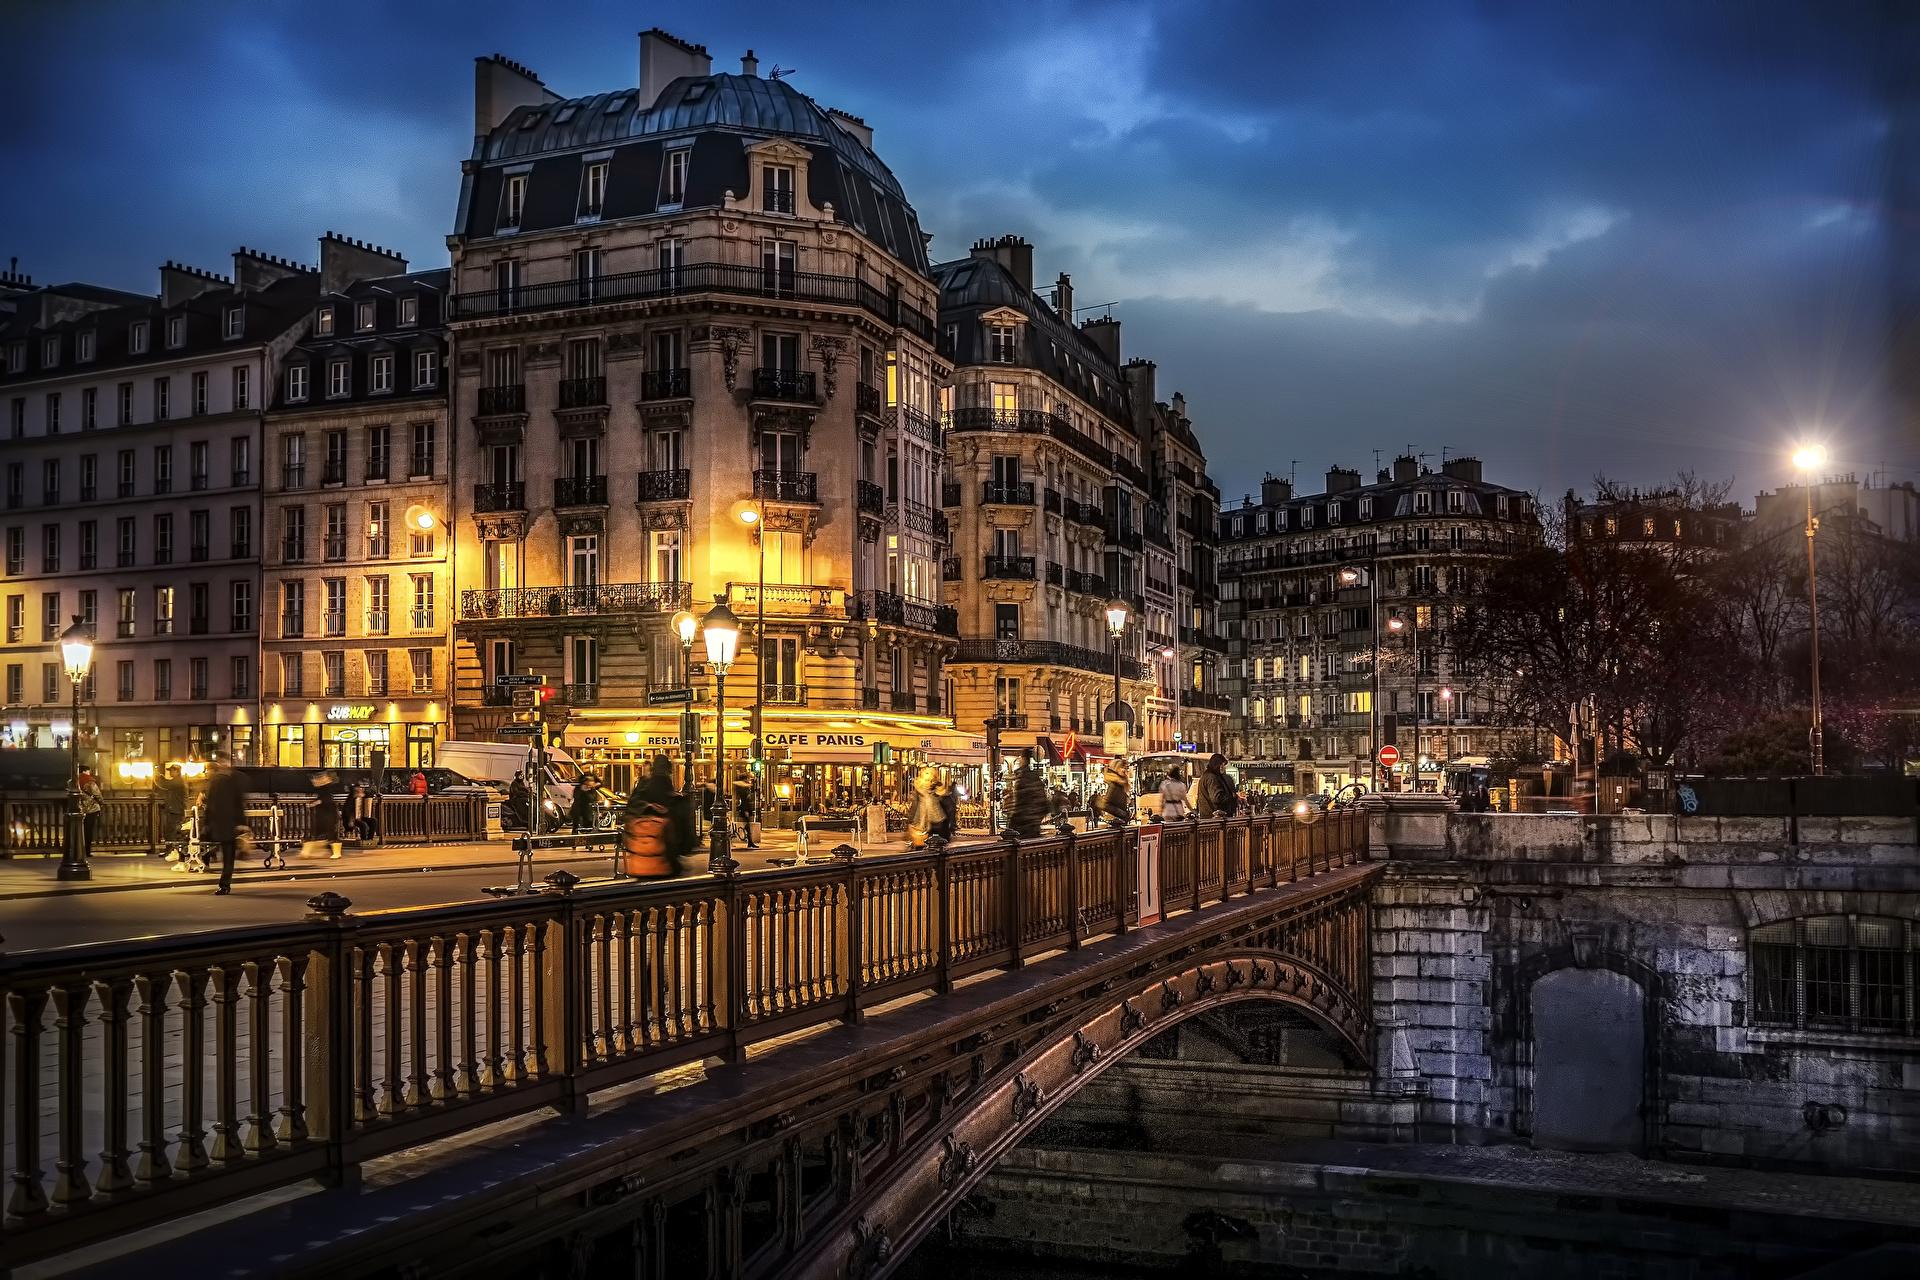 https://s1.1zoom.ru/big7/31/France_Houses_Bridges_480664.jpg